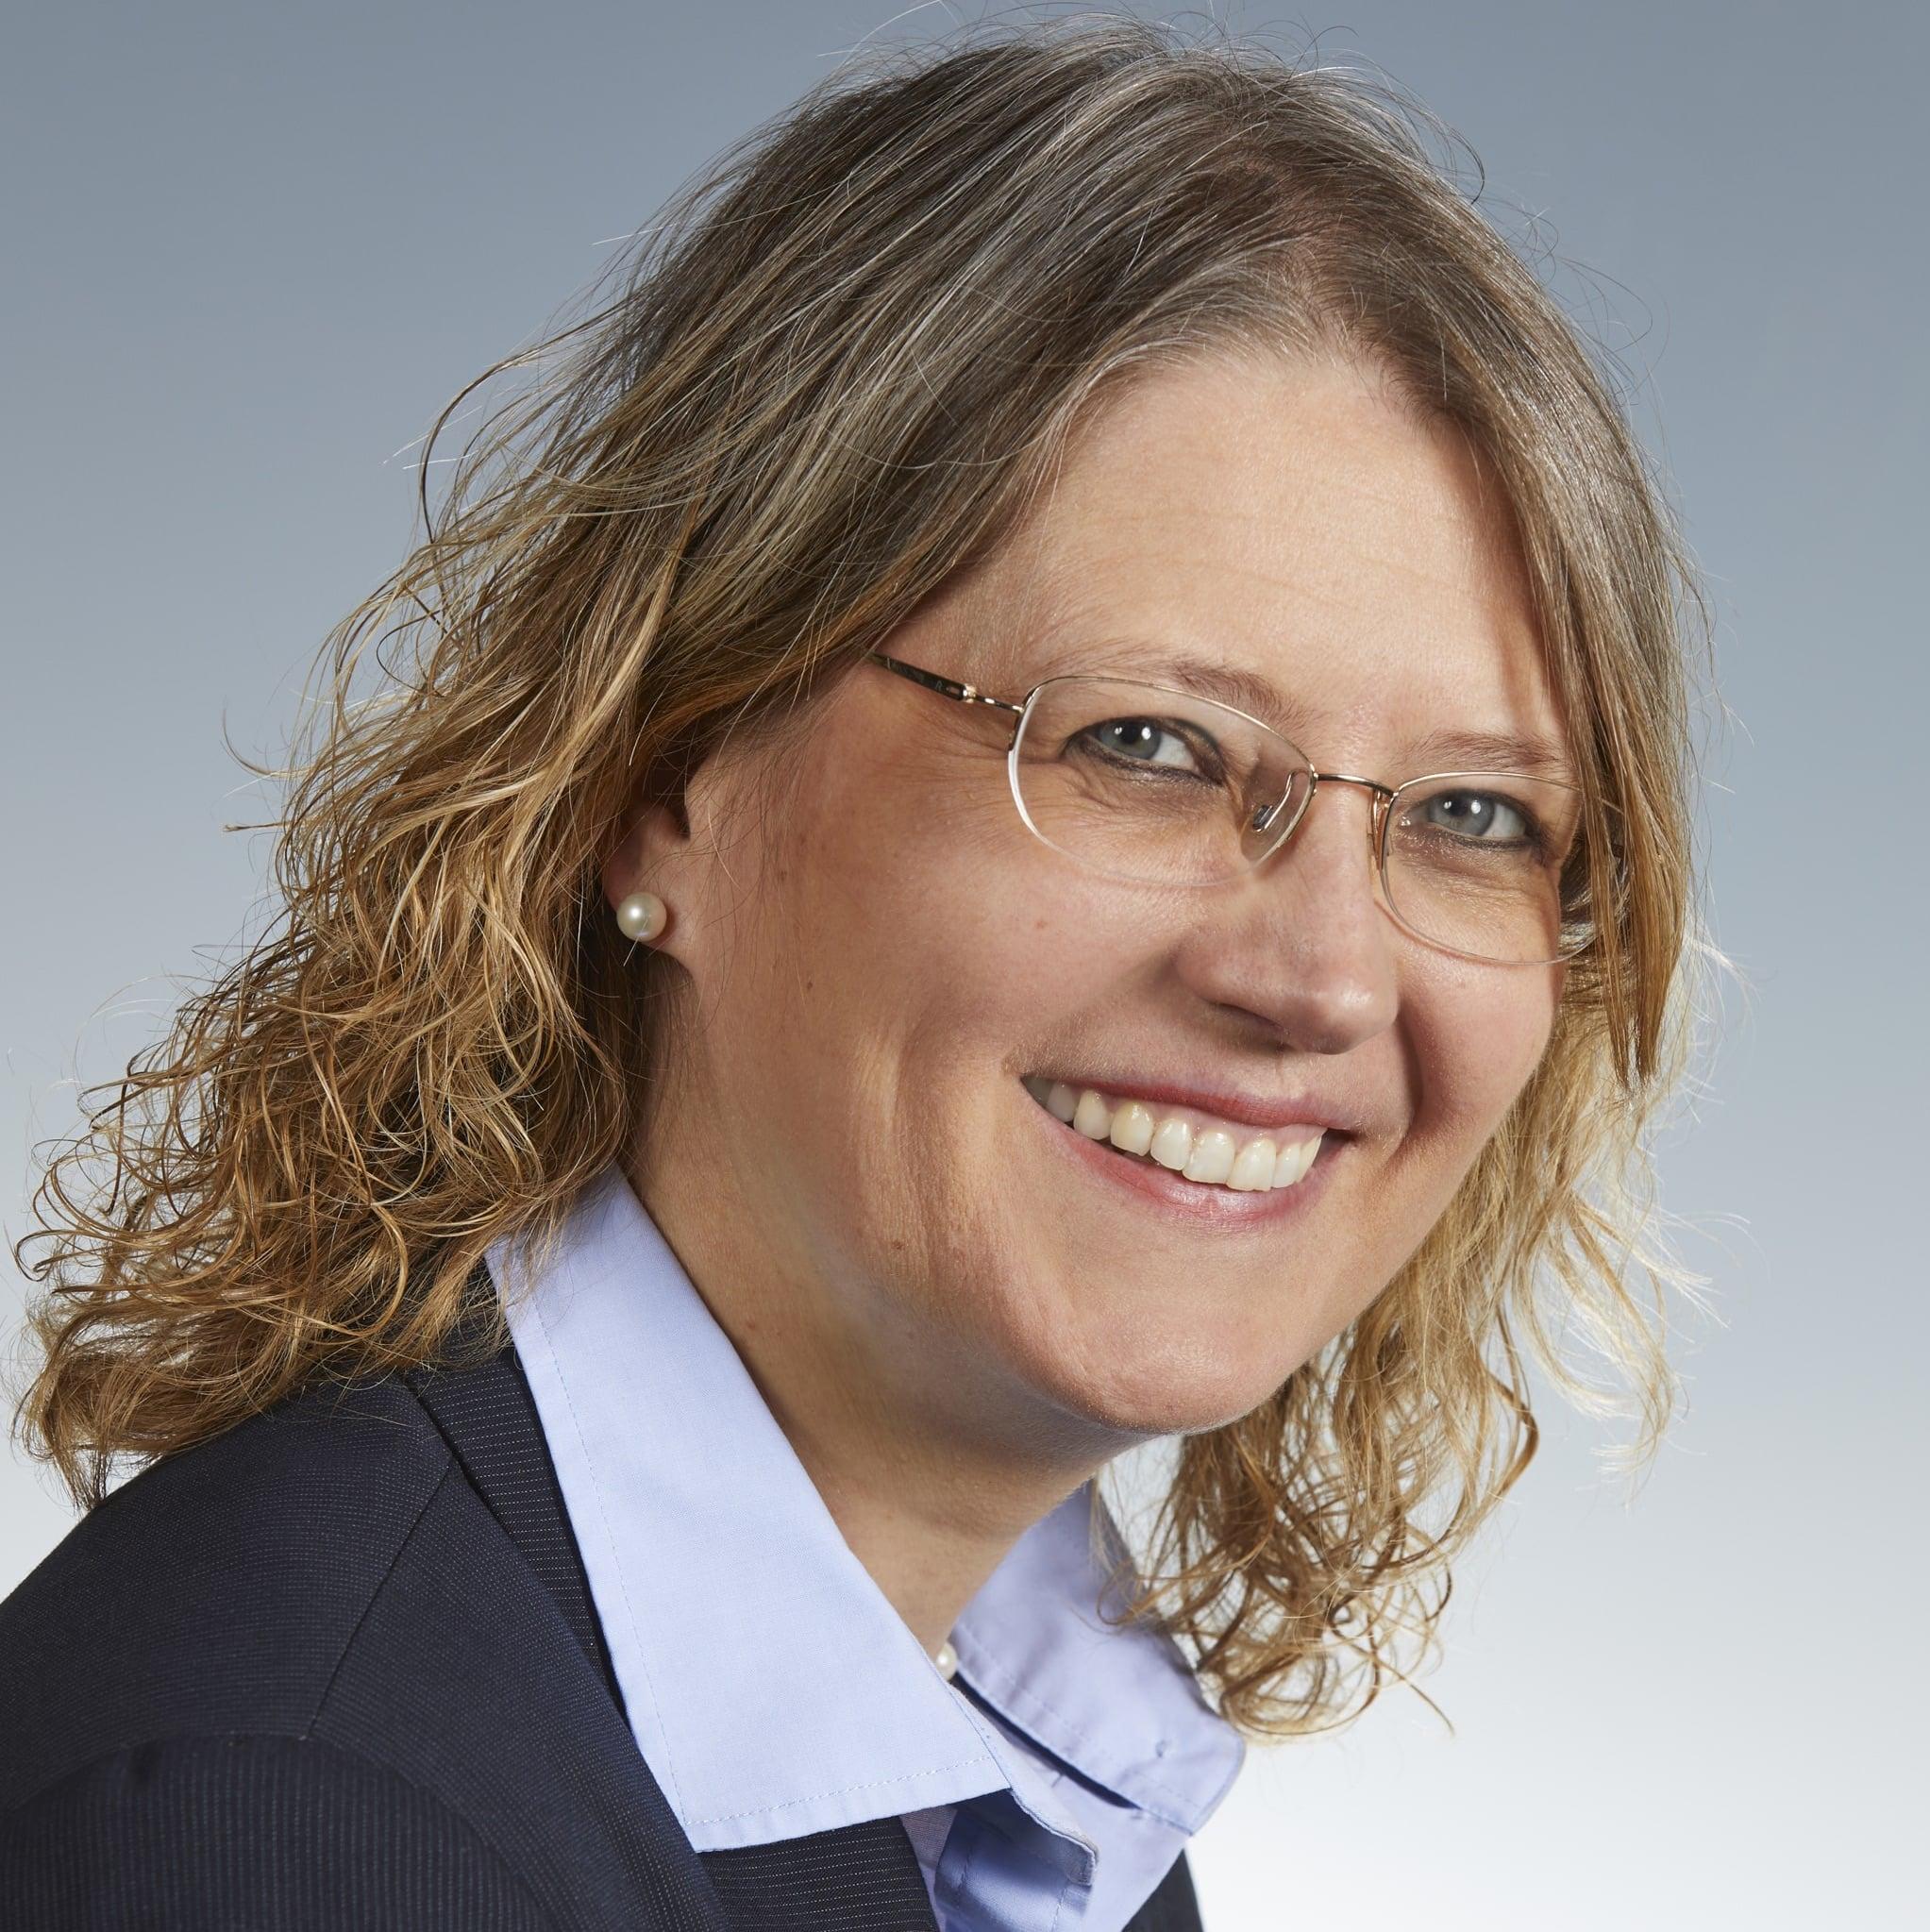 Sabine-Witte-Dozentin-ISI-ev-min